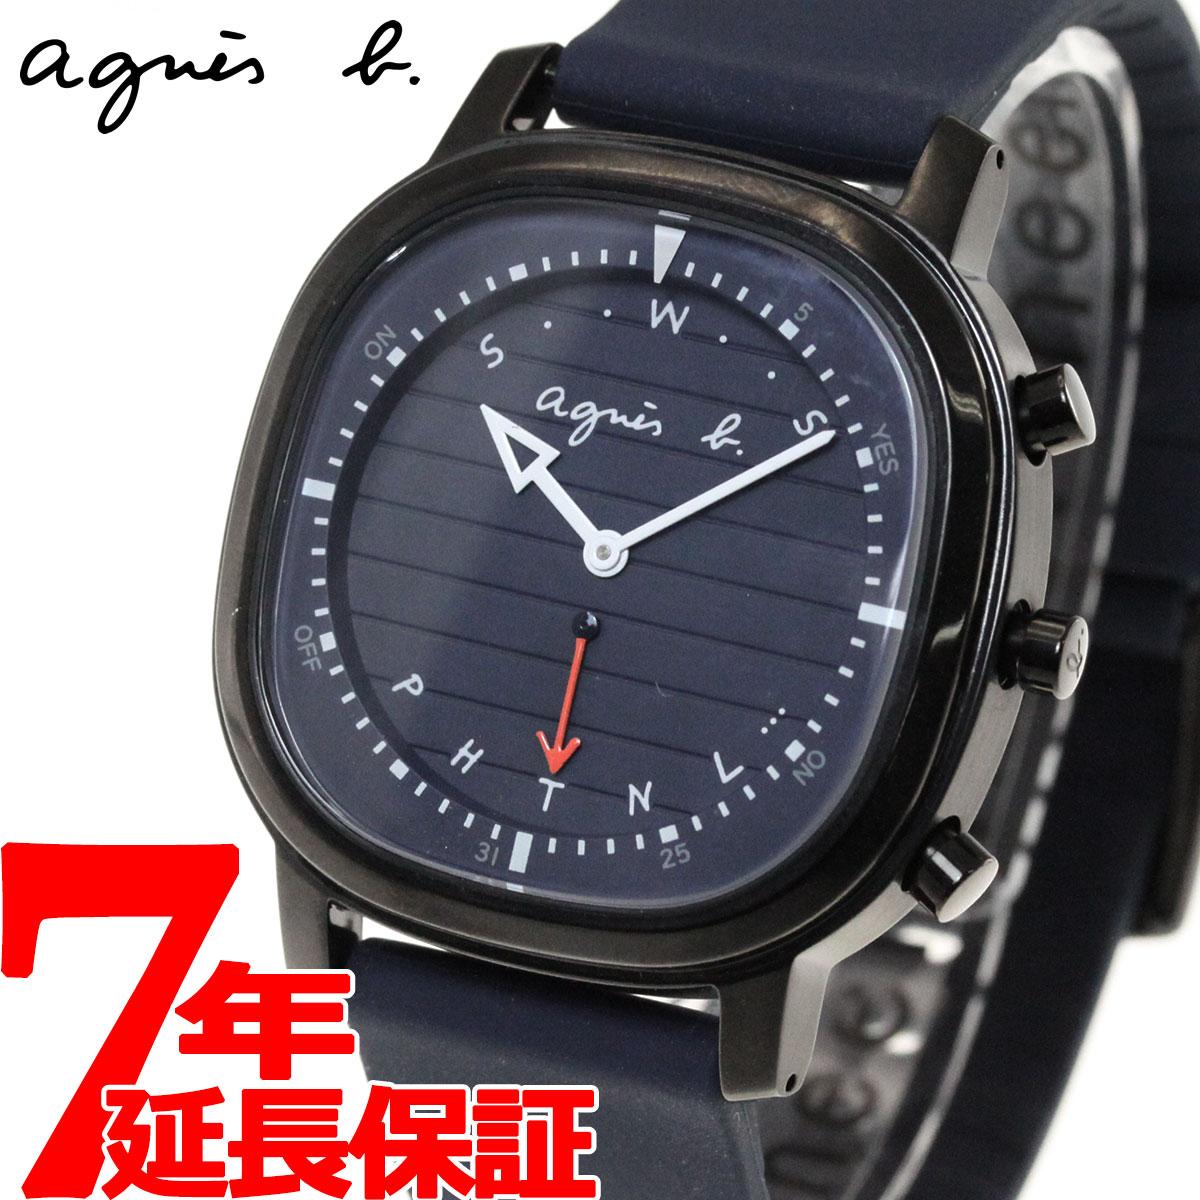 腕時計, メンズ腕時計 2000OFF58.5 Bluetooth agnes b. Bon Voyage FCRB4032020